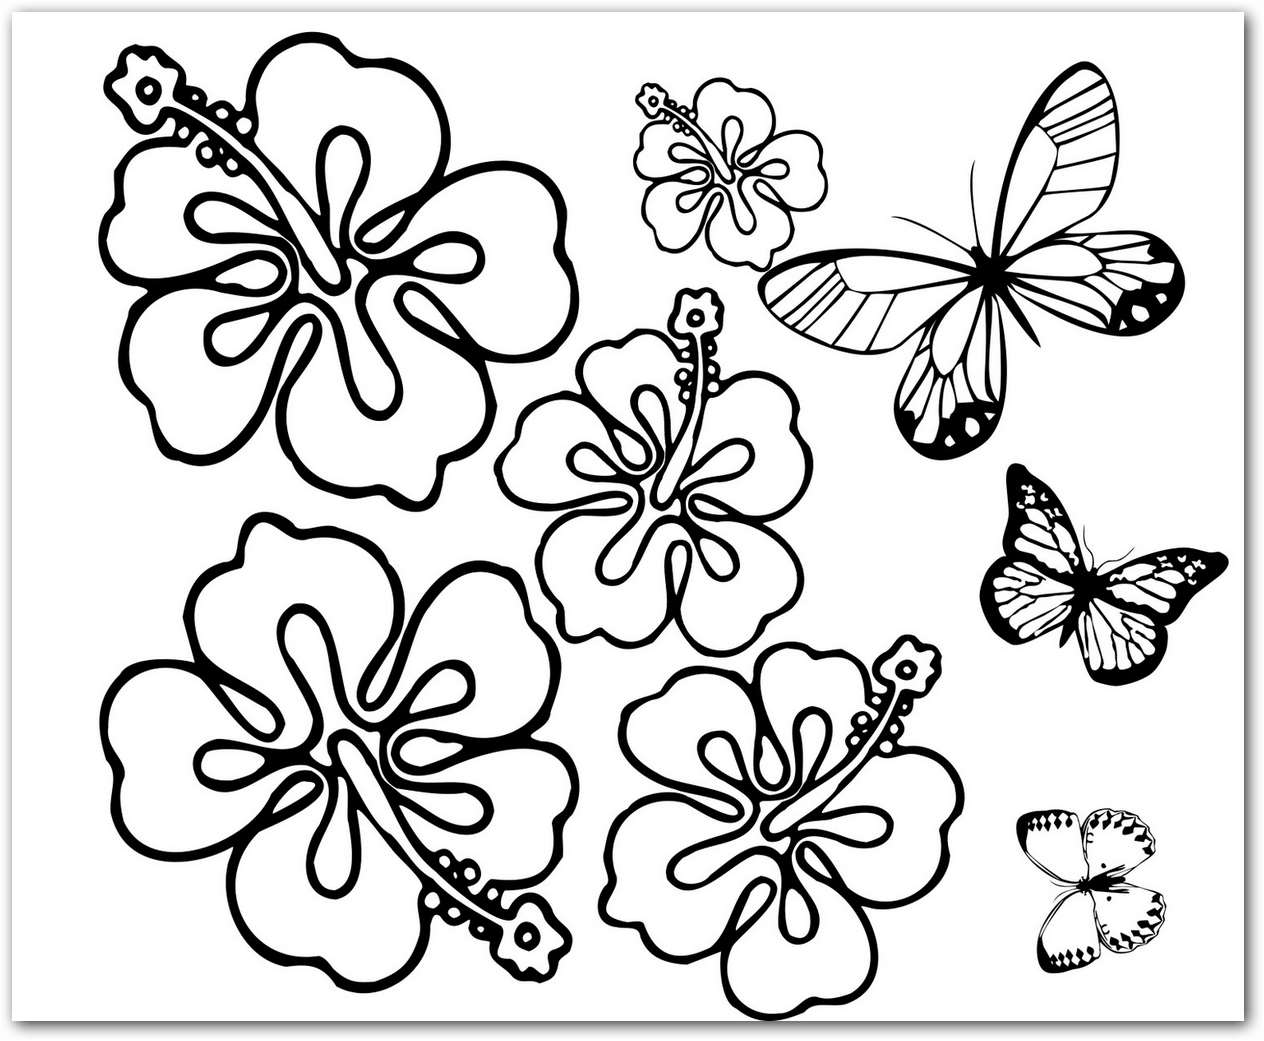 Imagenes De Flores Para Colorear Bonitas: Imagenes De Flores Para Colorear